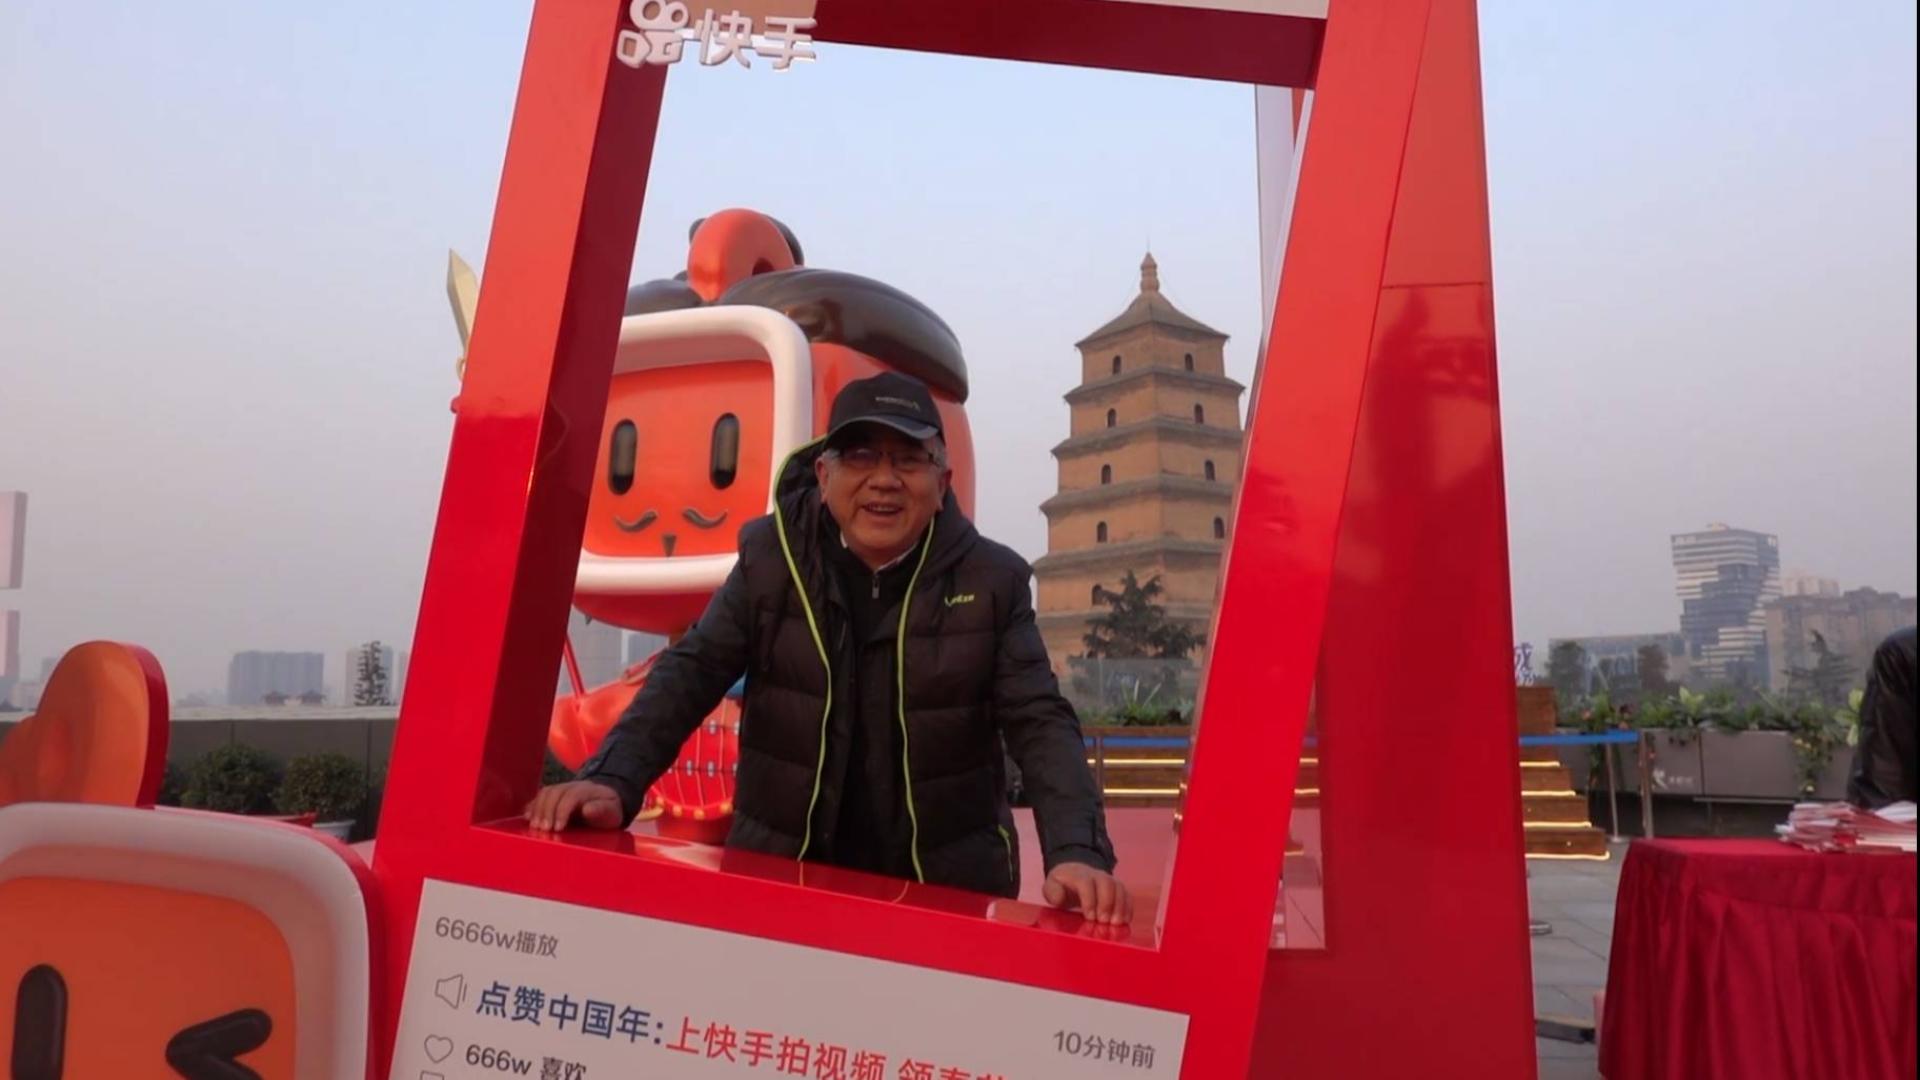 诸葛呈像『打卡大雁塔,迎接中国年』